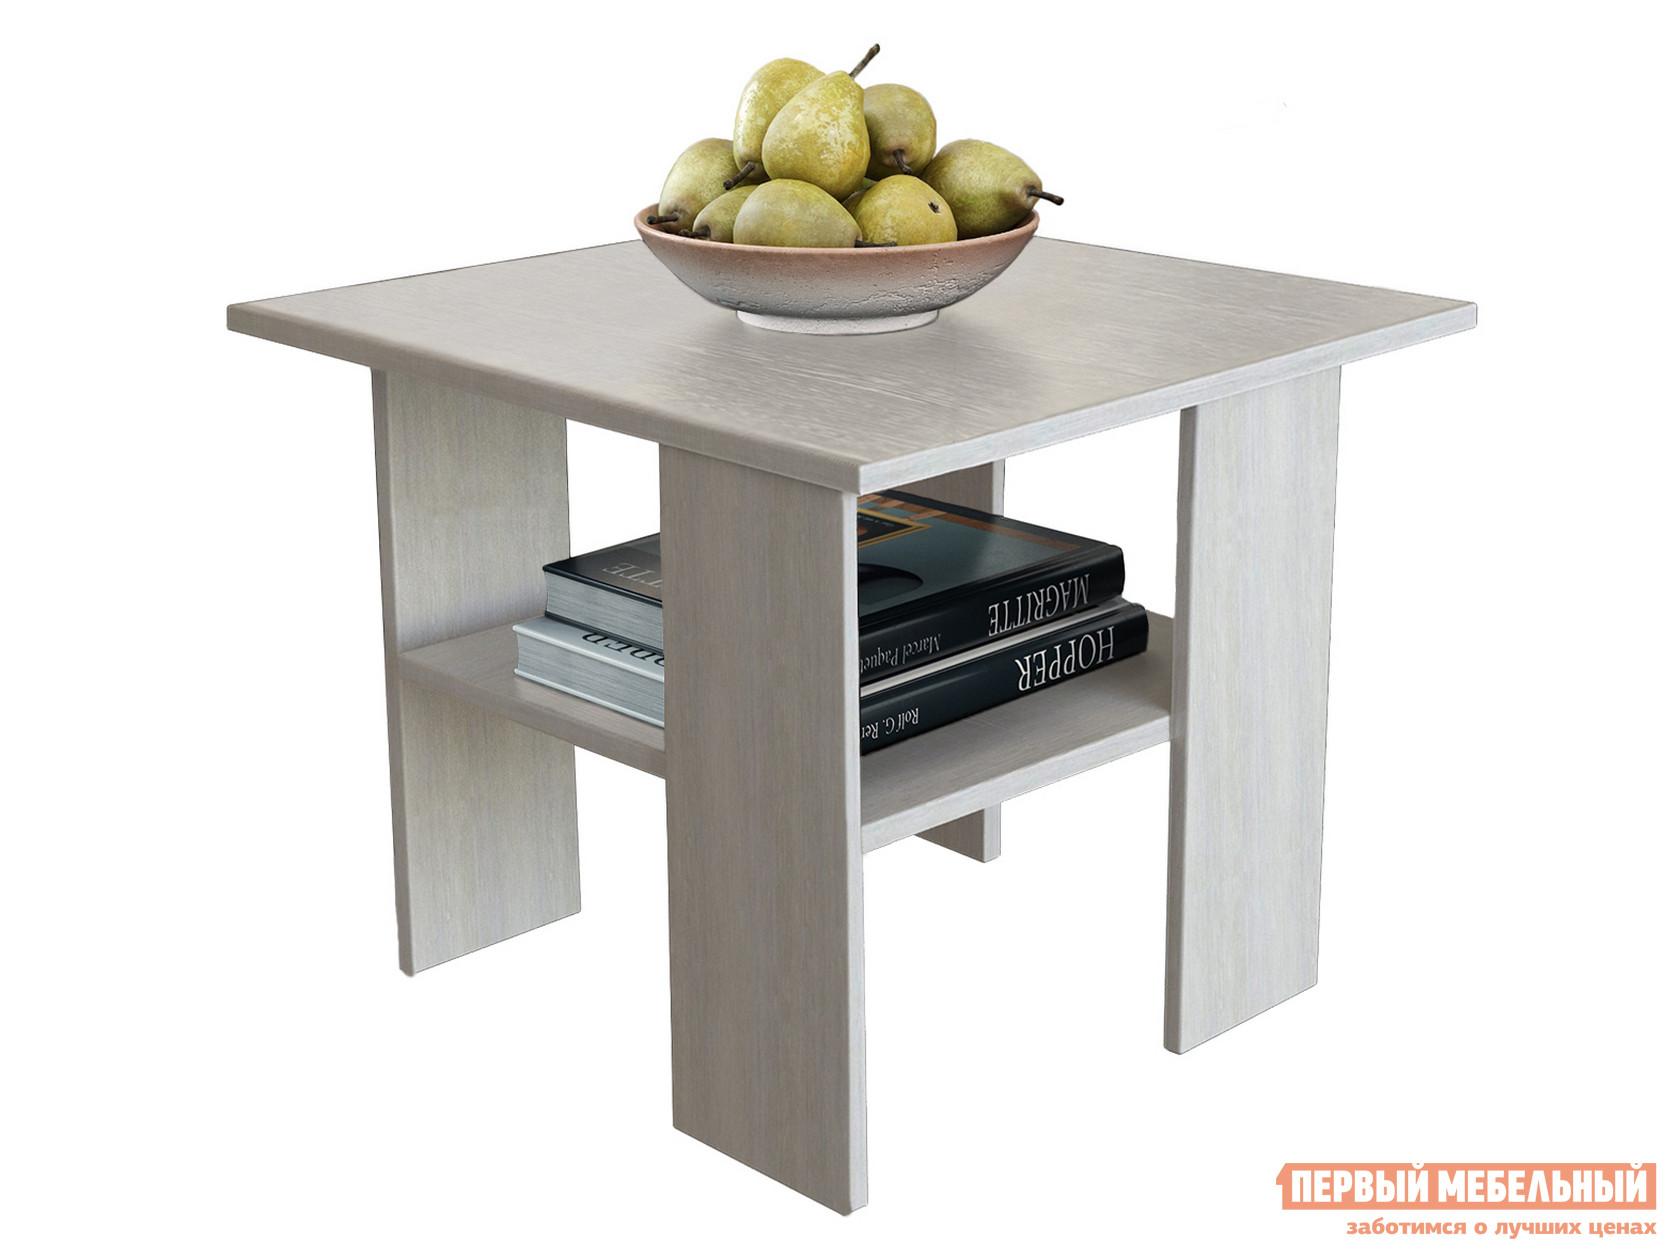 Журнальный столик Первый Мебельный Стол журнальный Статус-3